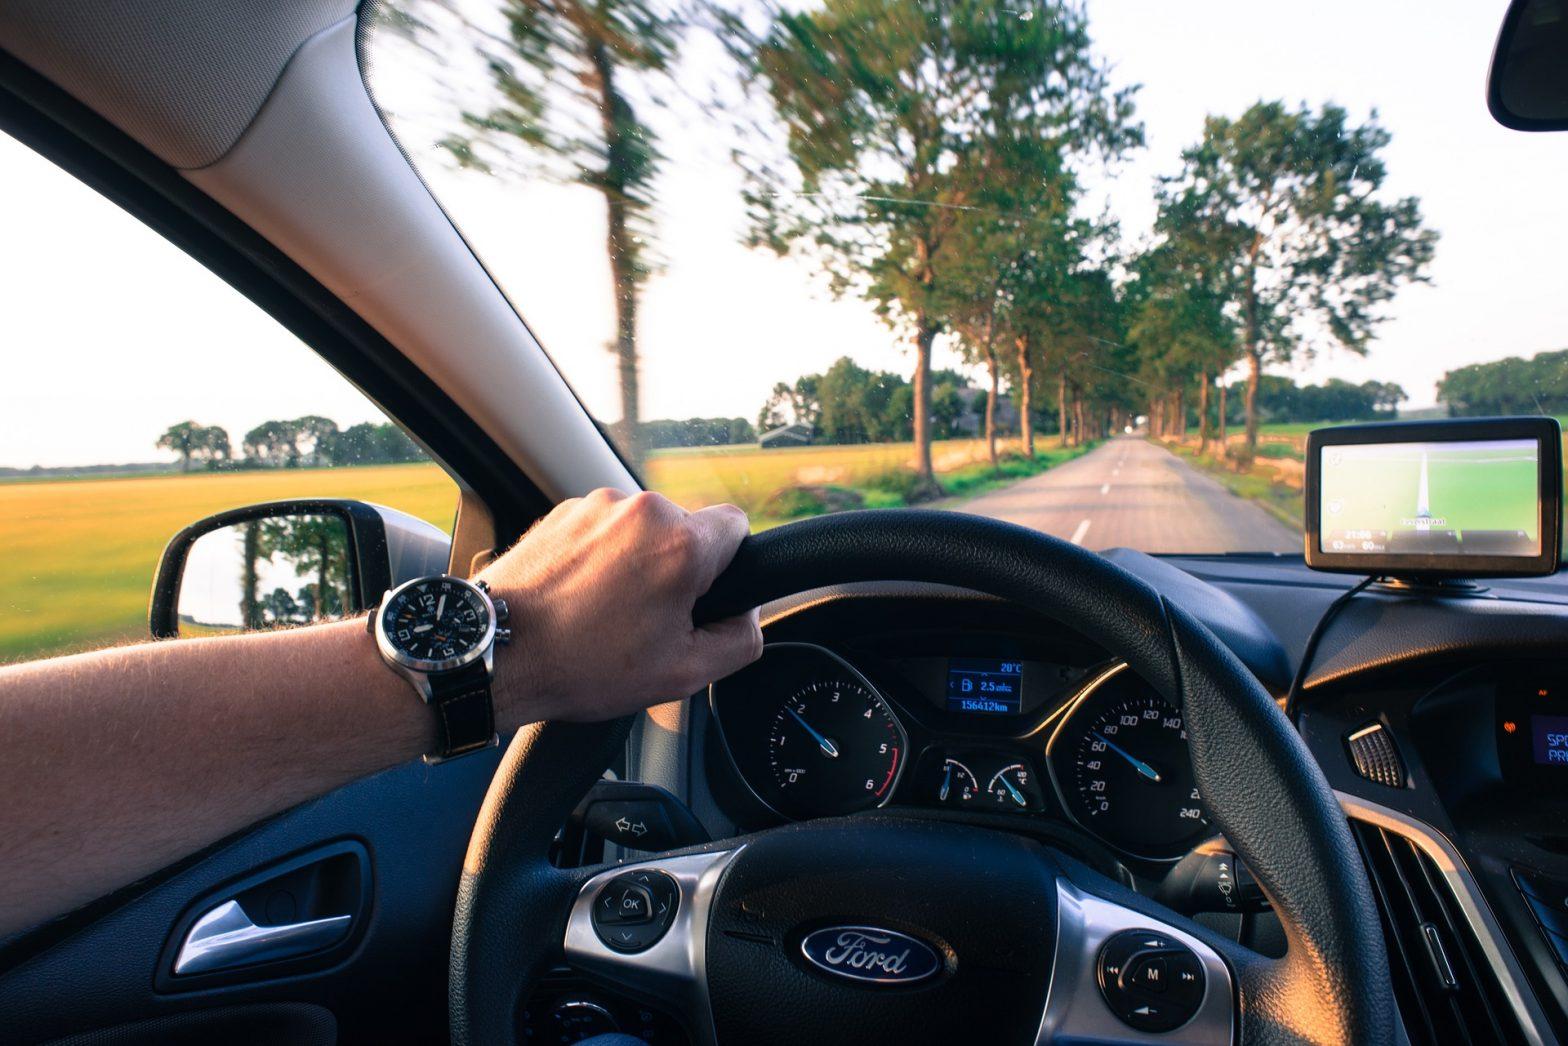 Foto da mão de uma pessoa segurando um volante enquanto dirige em uma estrada com várias árvores. Imagem ilustrativa para o texto perda de cobertura do seguro auto.